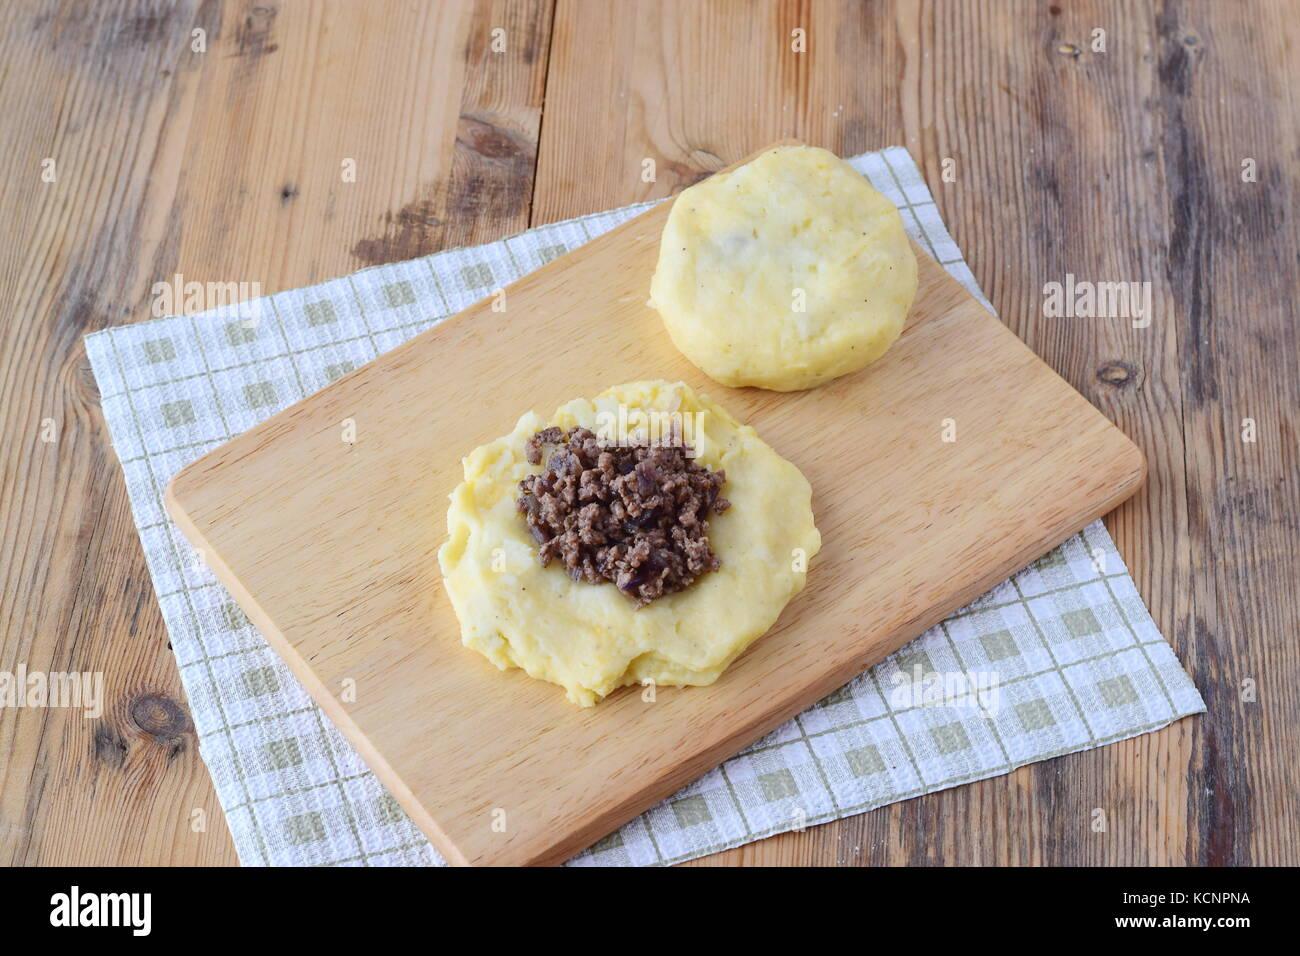 Boulettes de pommes de terre farcies à la viande hachée sur une planche à découper en bois. Photo Stock